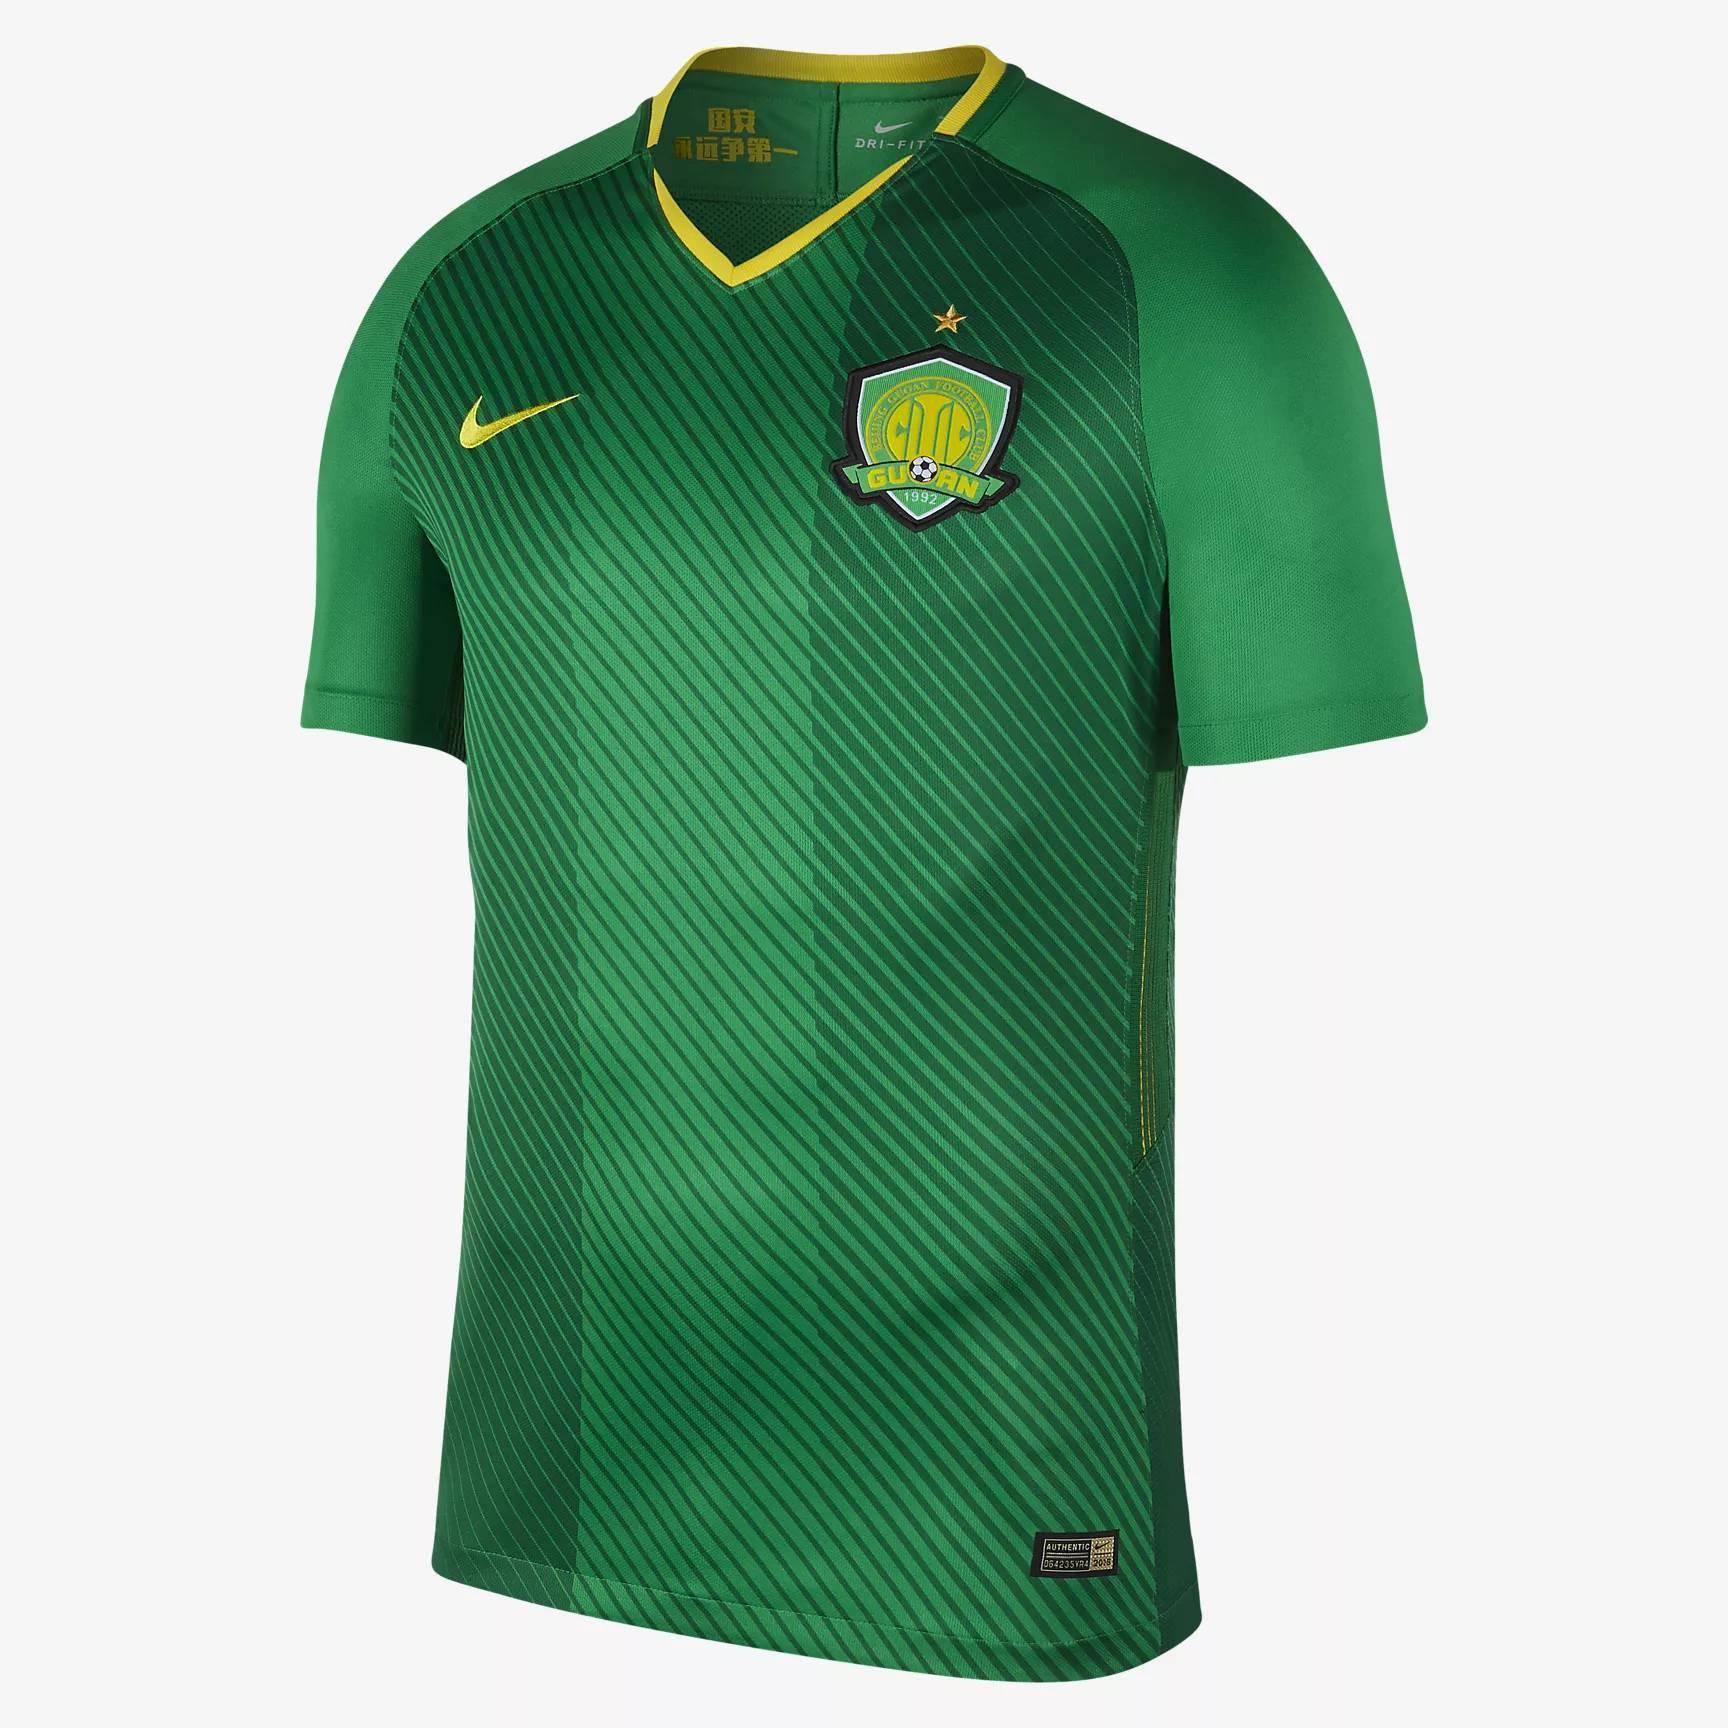 Torcida do Palmeiras  invade  enquete espanhola e elege camisa como ... d305bbc6505b4